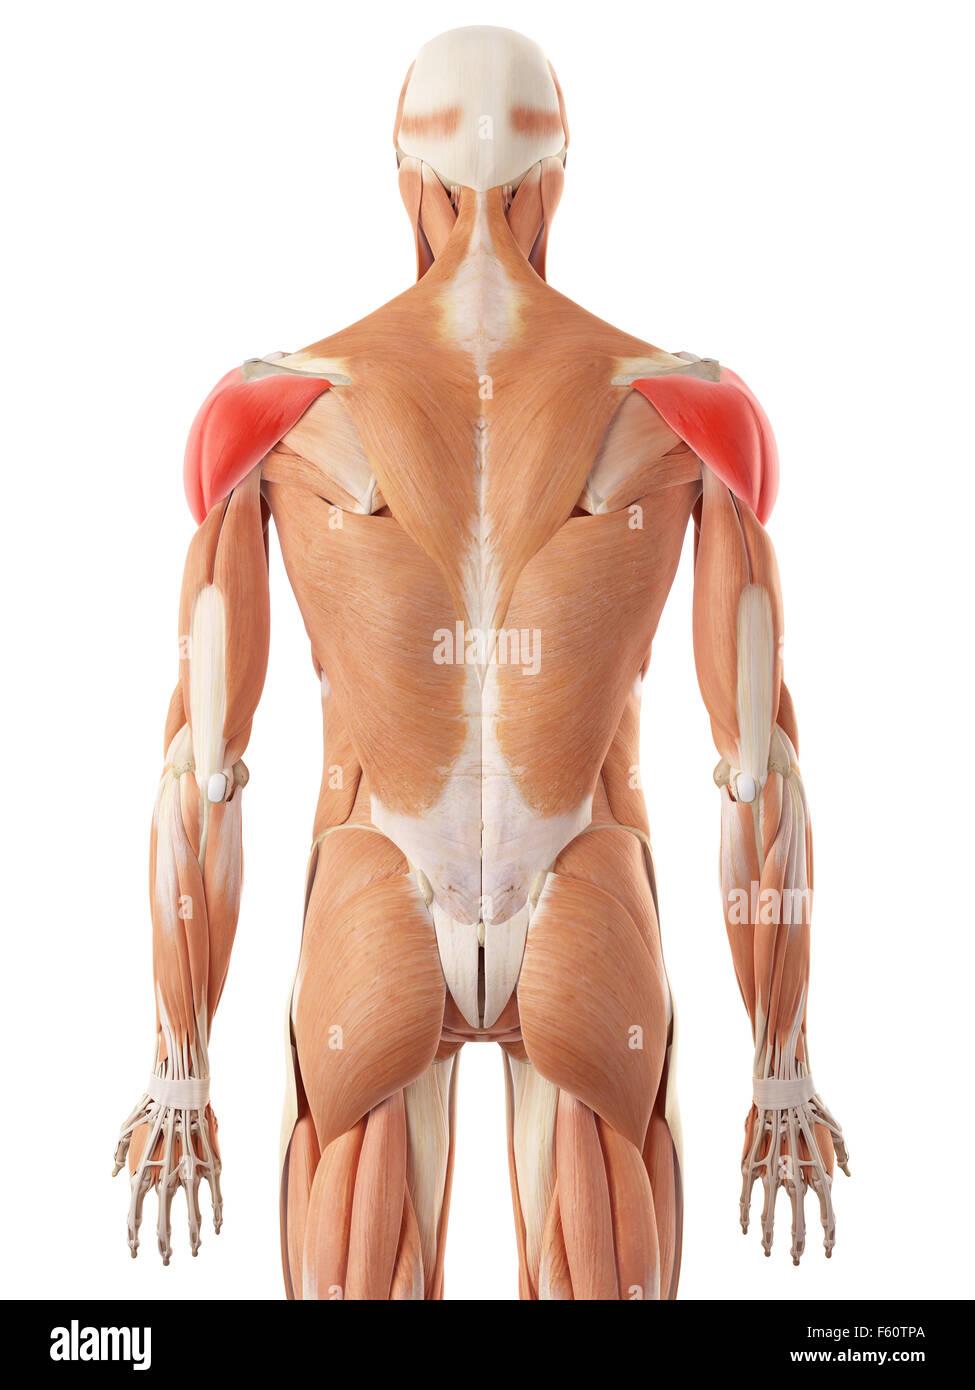 Ilustración médica precisa del músculo deltoides Imagen De Stock